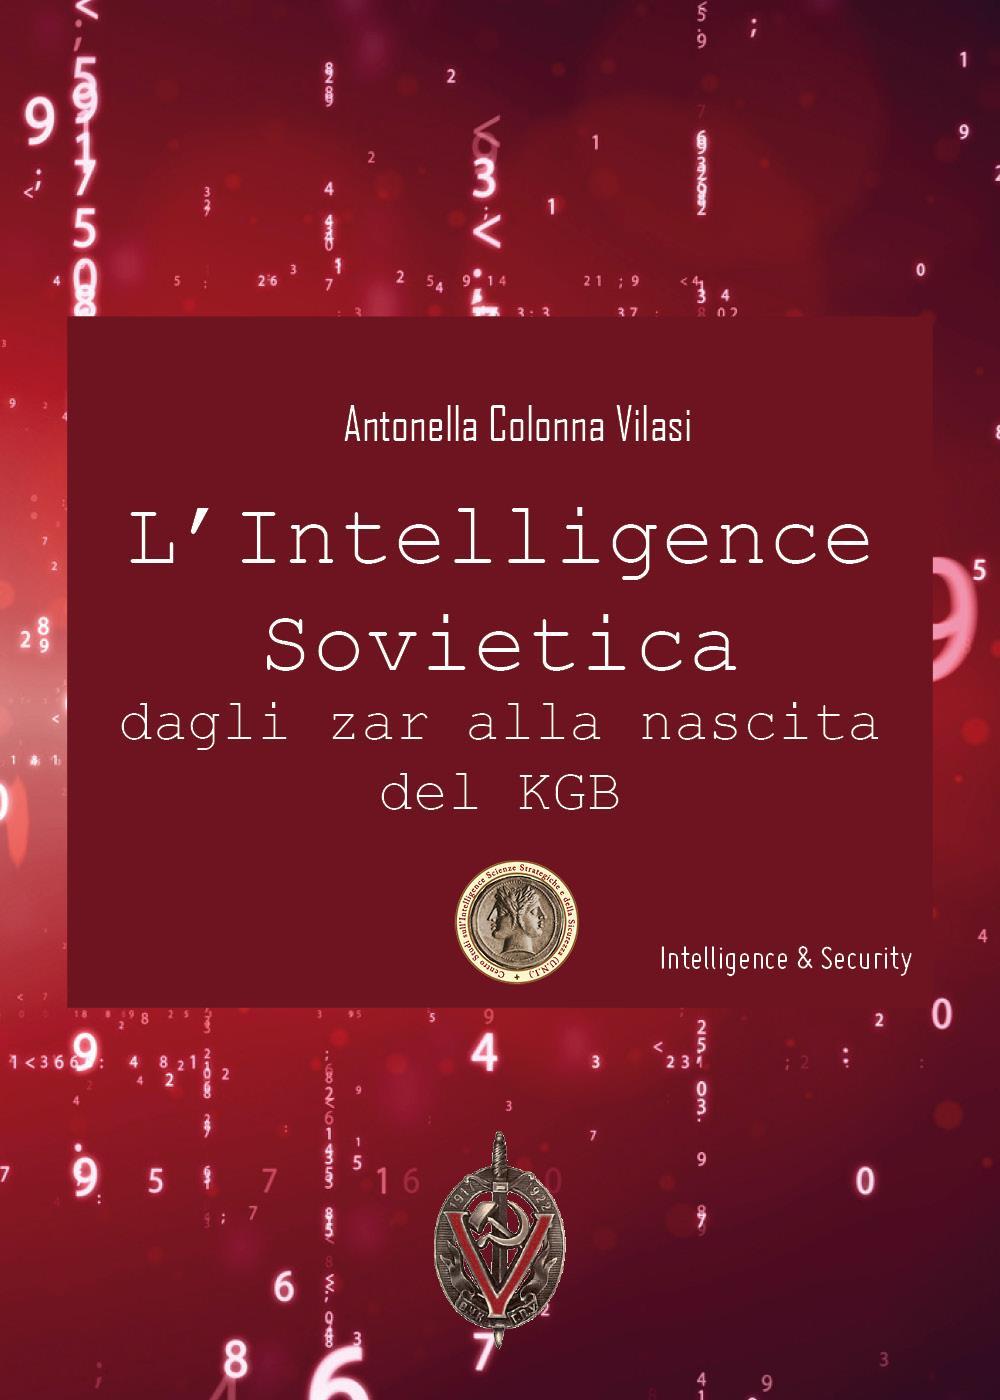 L'Intelligence sovietica dagli Zar alla nascita del KGB